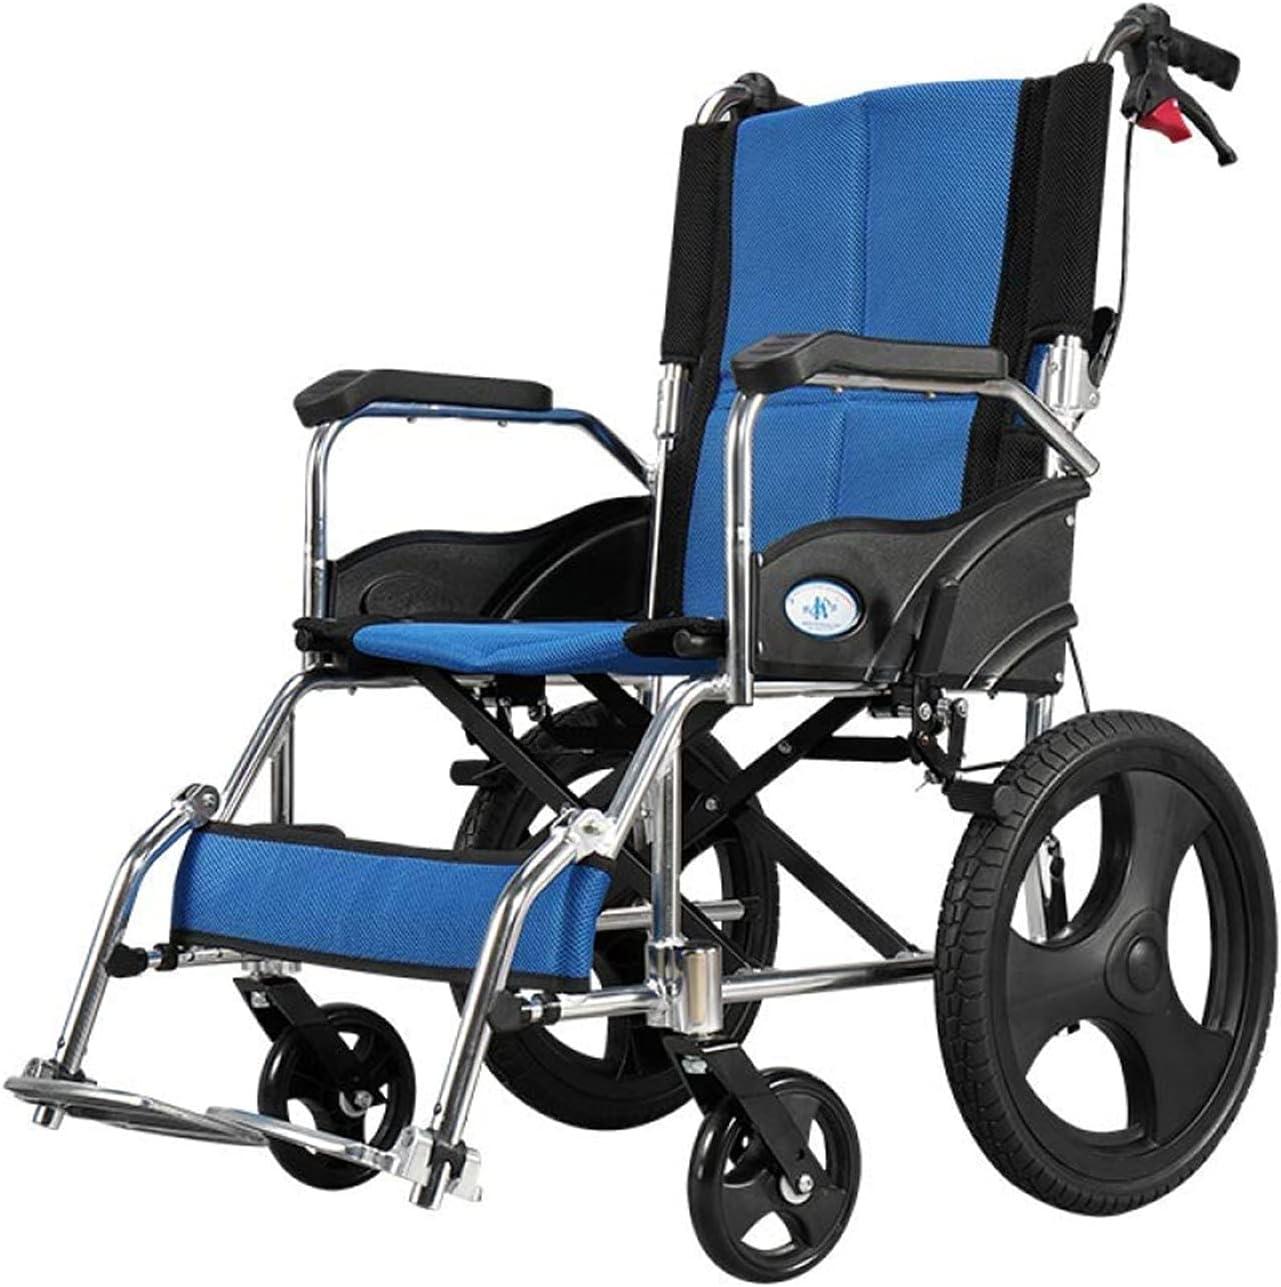 Silla de Ruedas - Silla de Ruedas Manual con Frenos operados por Asistente, Azul, fácil de Instalar y liberar, fáciles de Plegar,